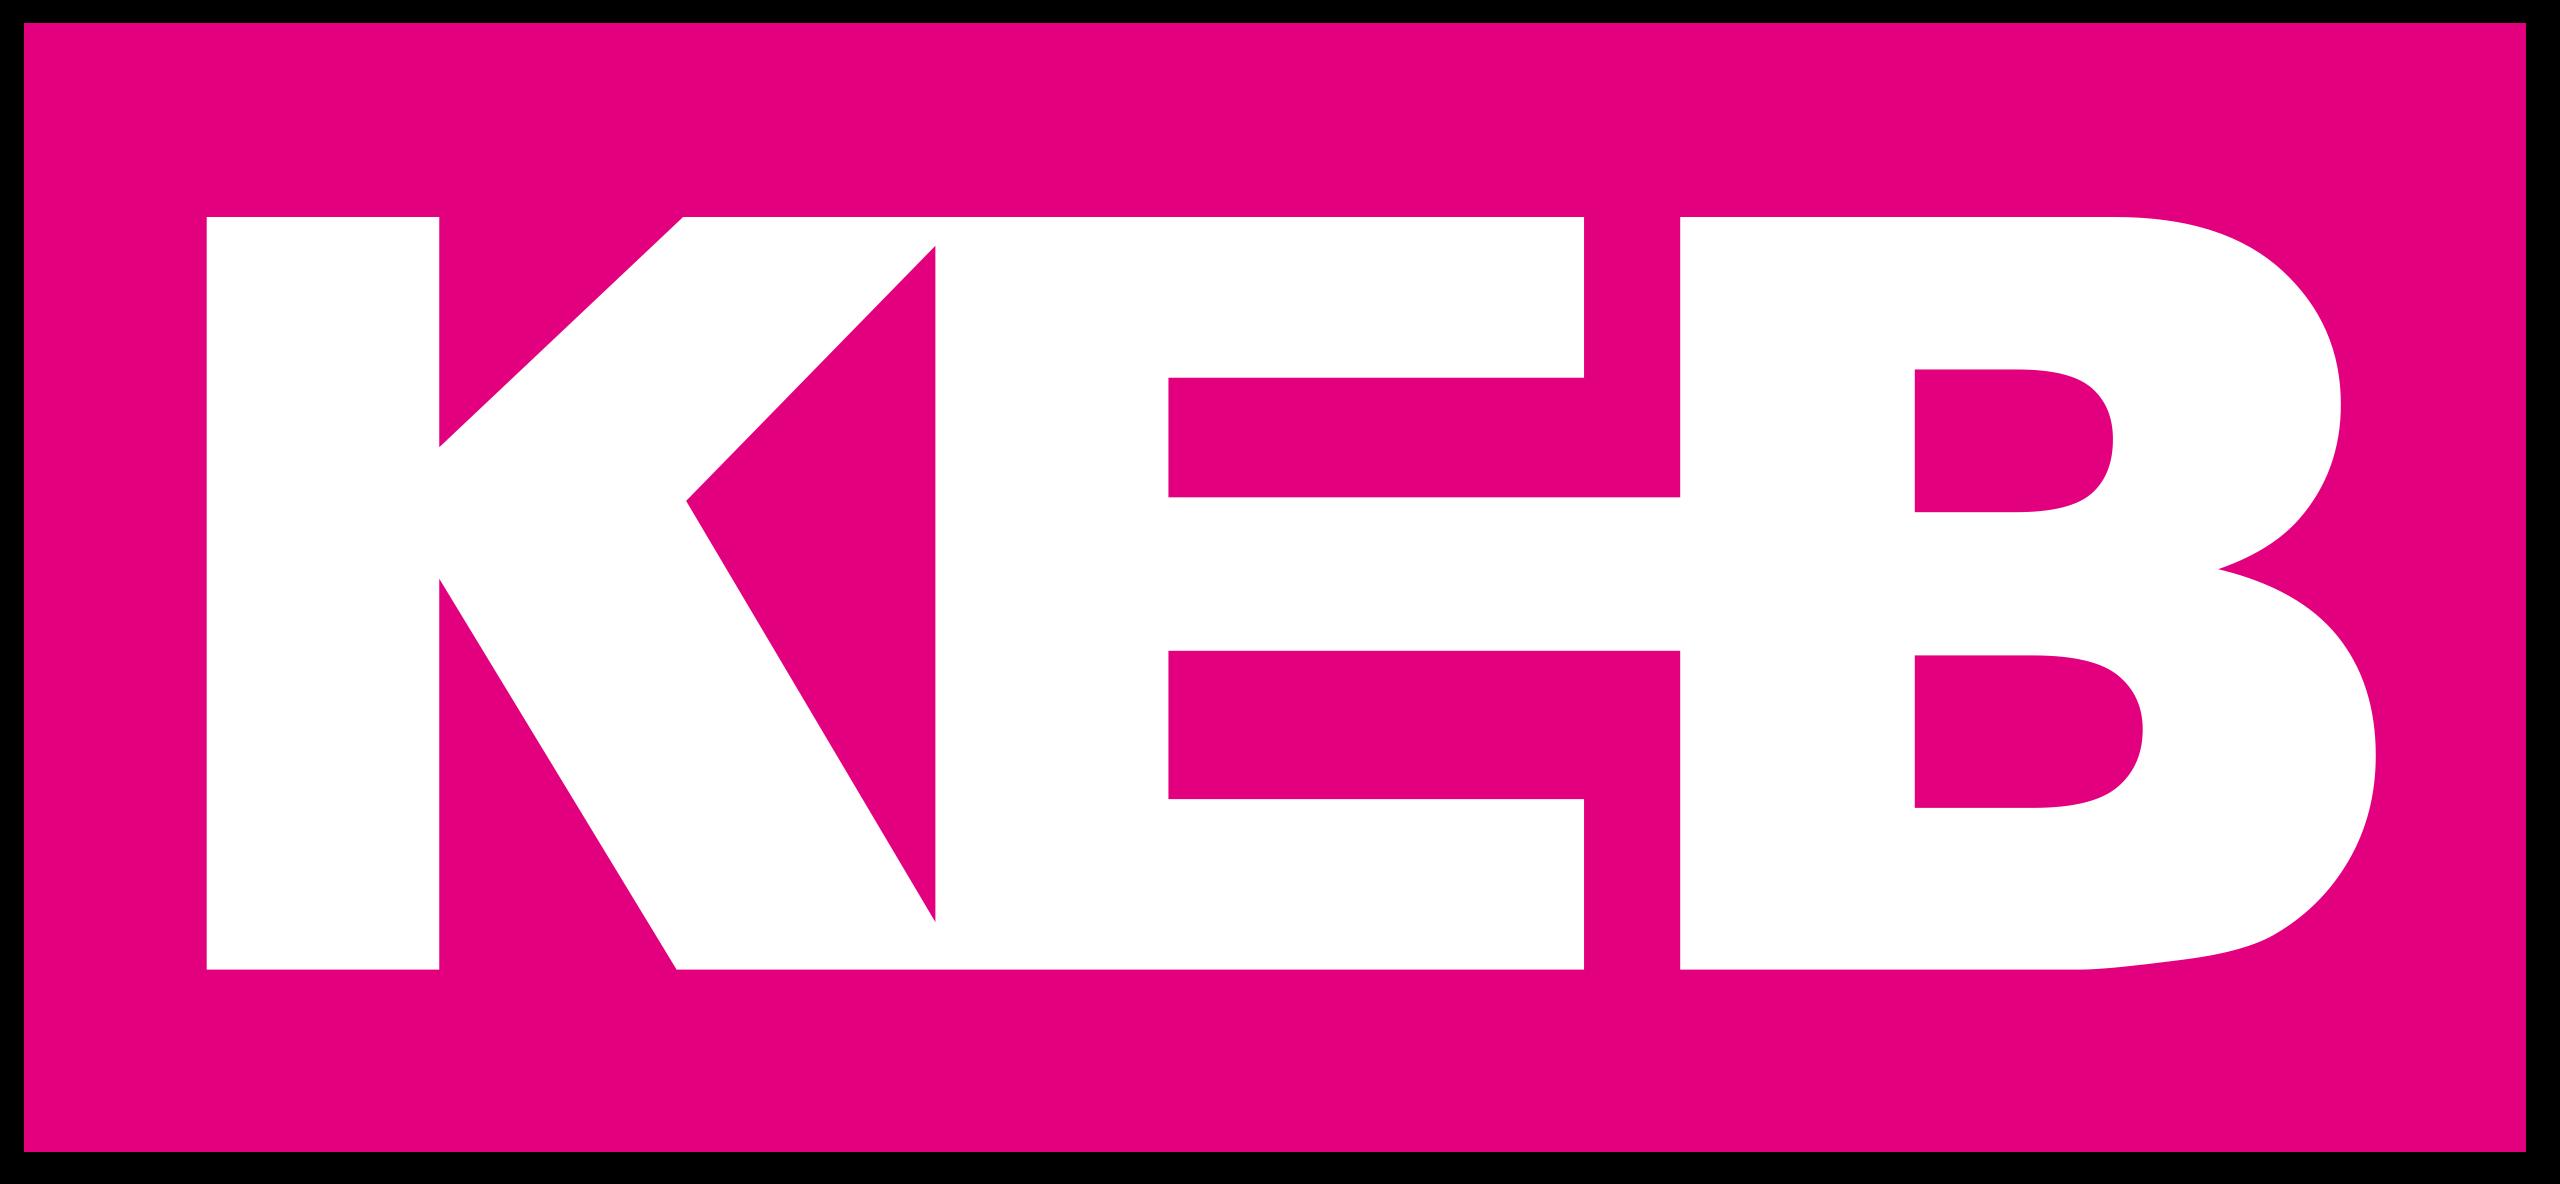 keb-logo